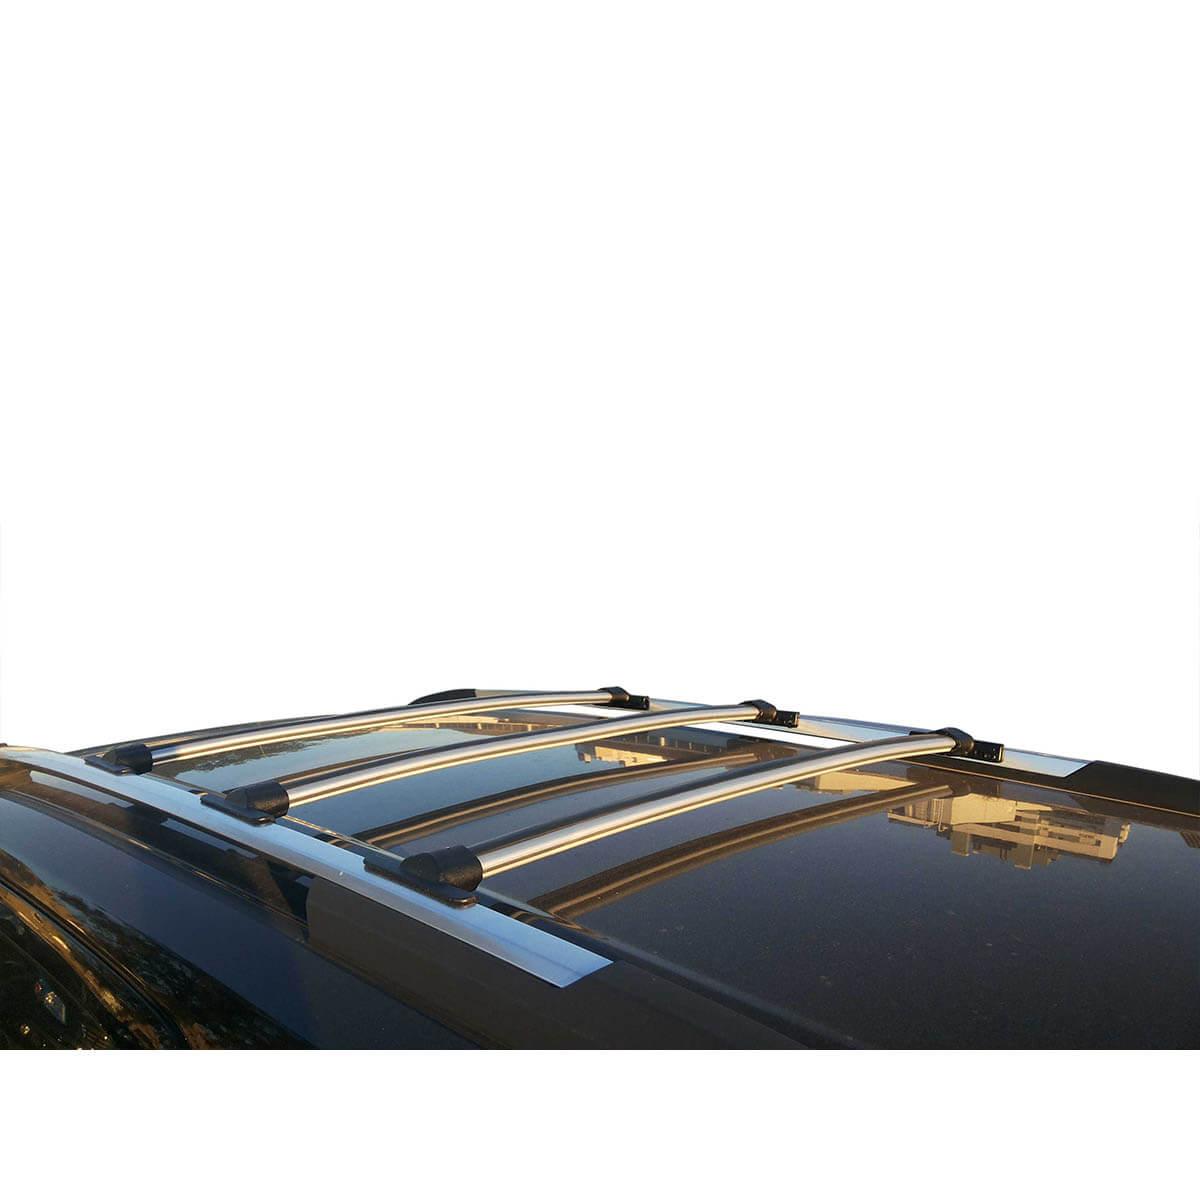 Travessa rack de teto Trailblazer 2013 a 2020 fixação original kit 3 peças